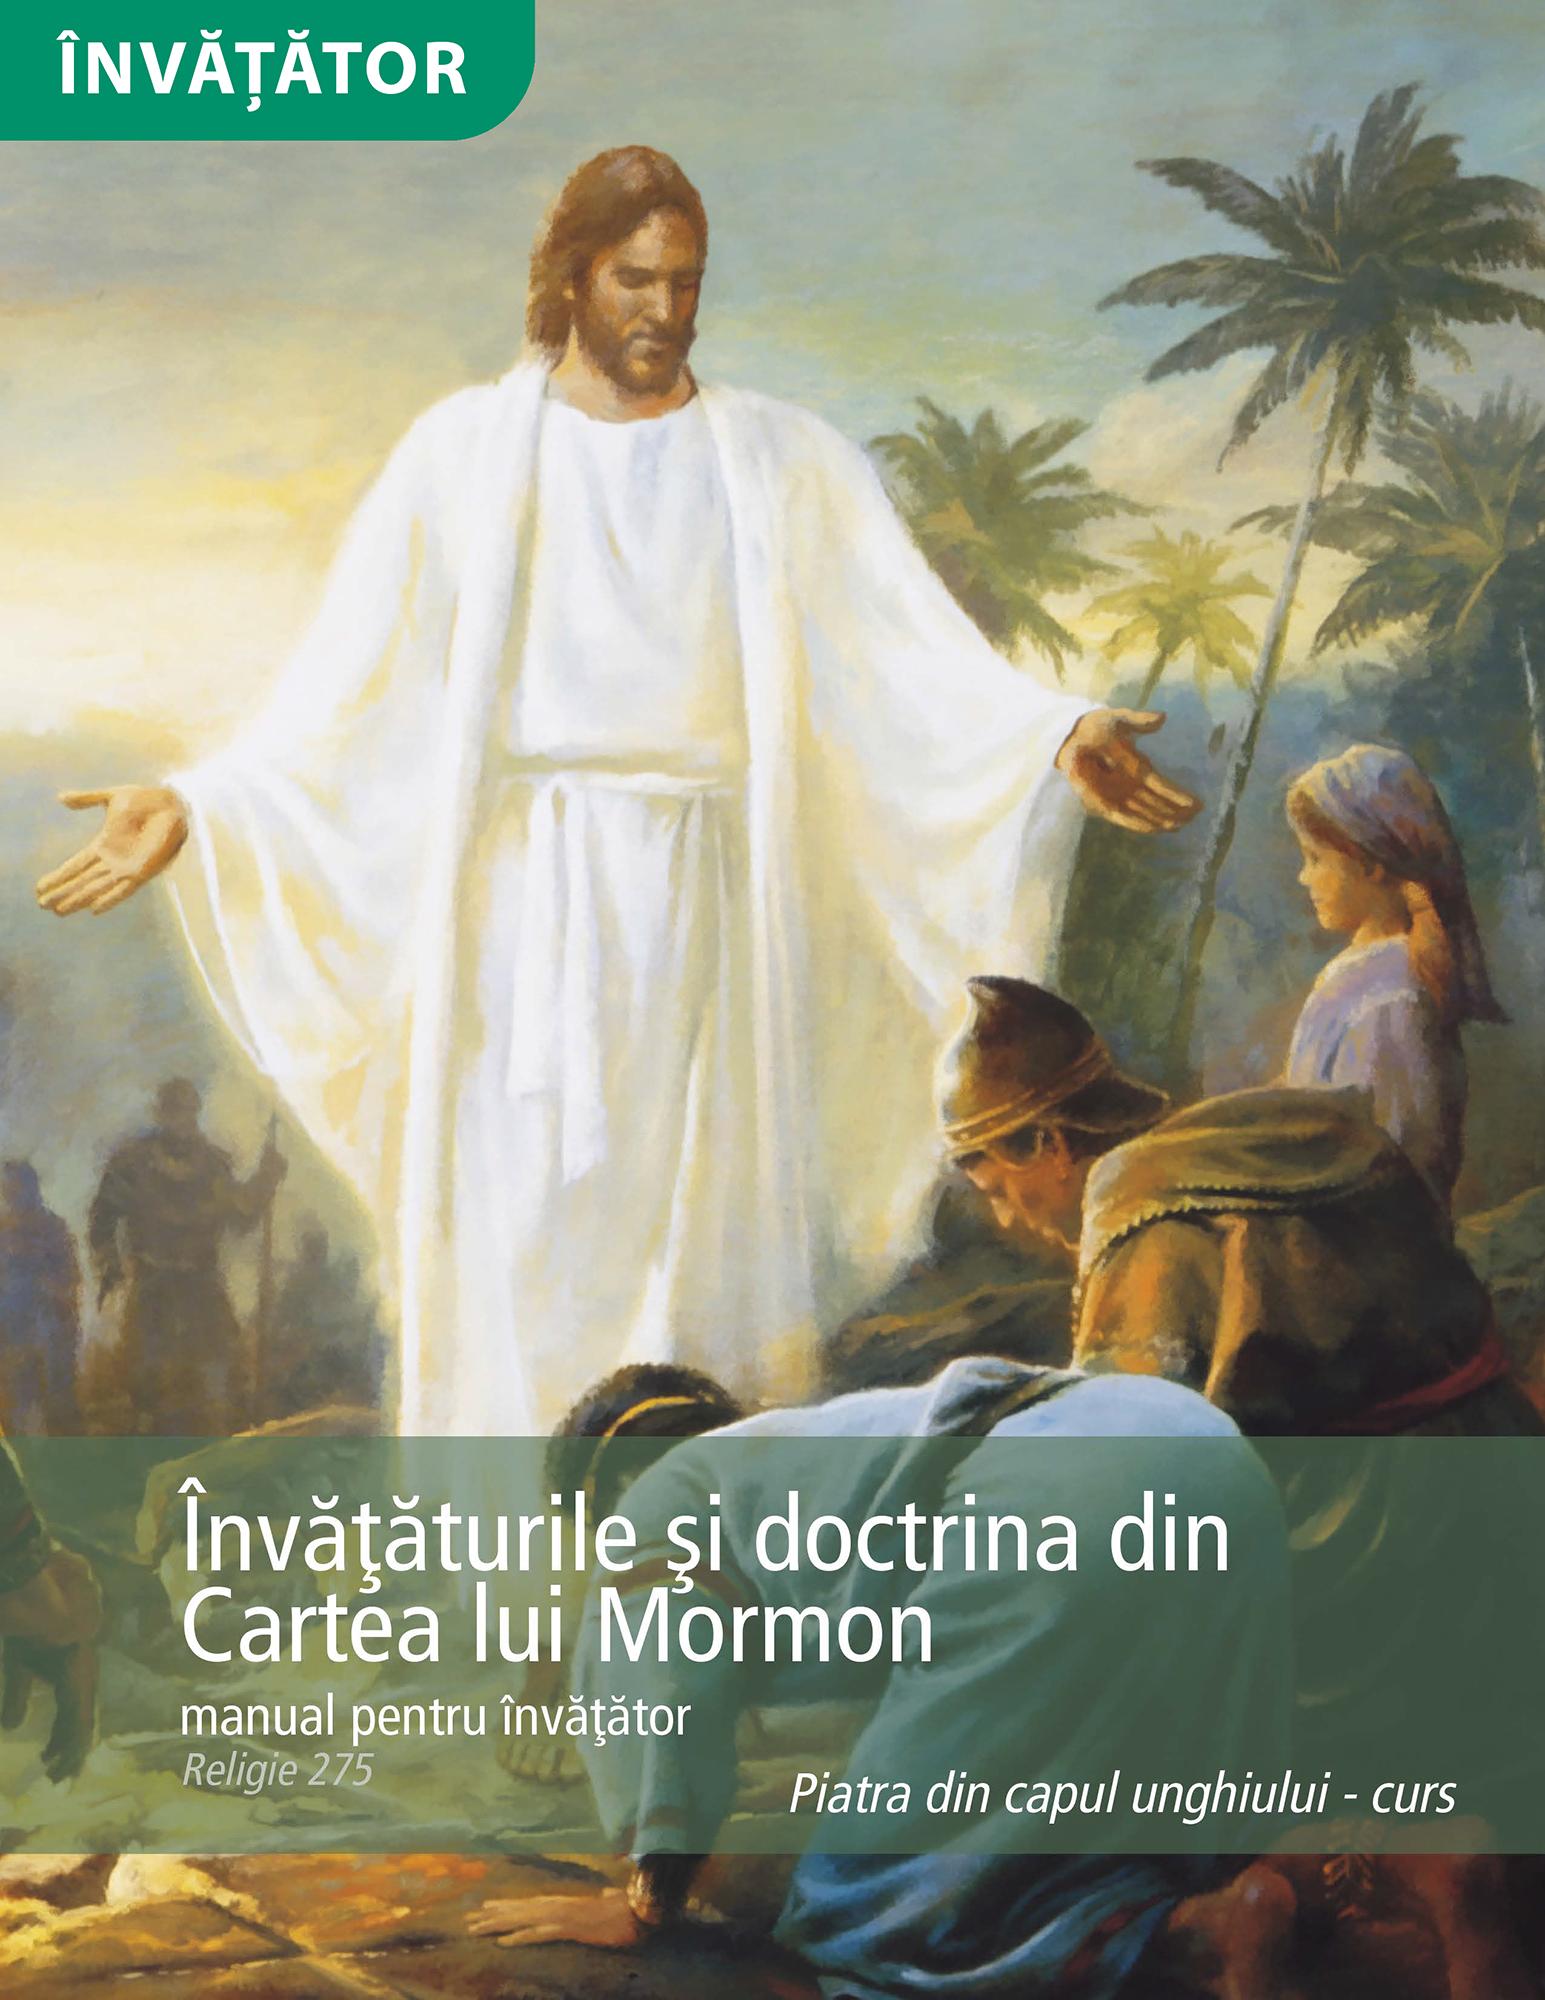 Învăţăturile şi doctrina din Cartea lui Mormon – manual pentru învăţător (Rel 275)